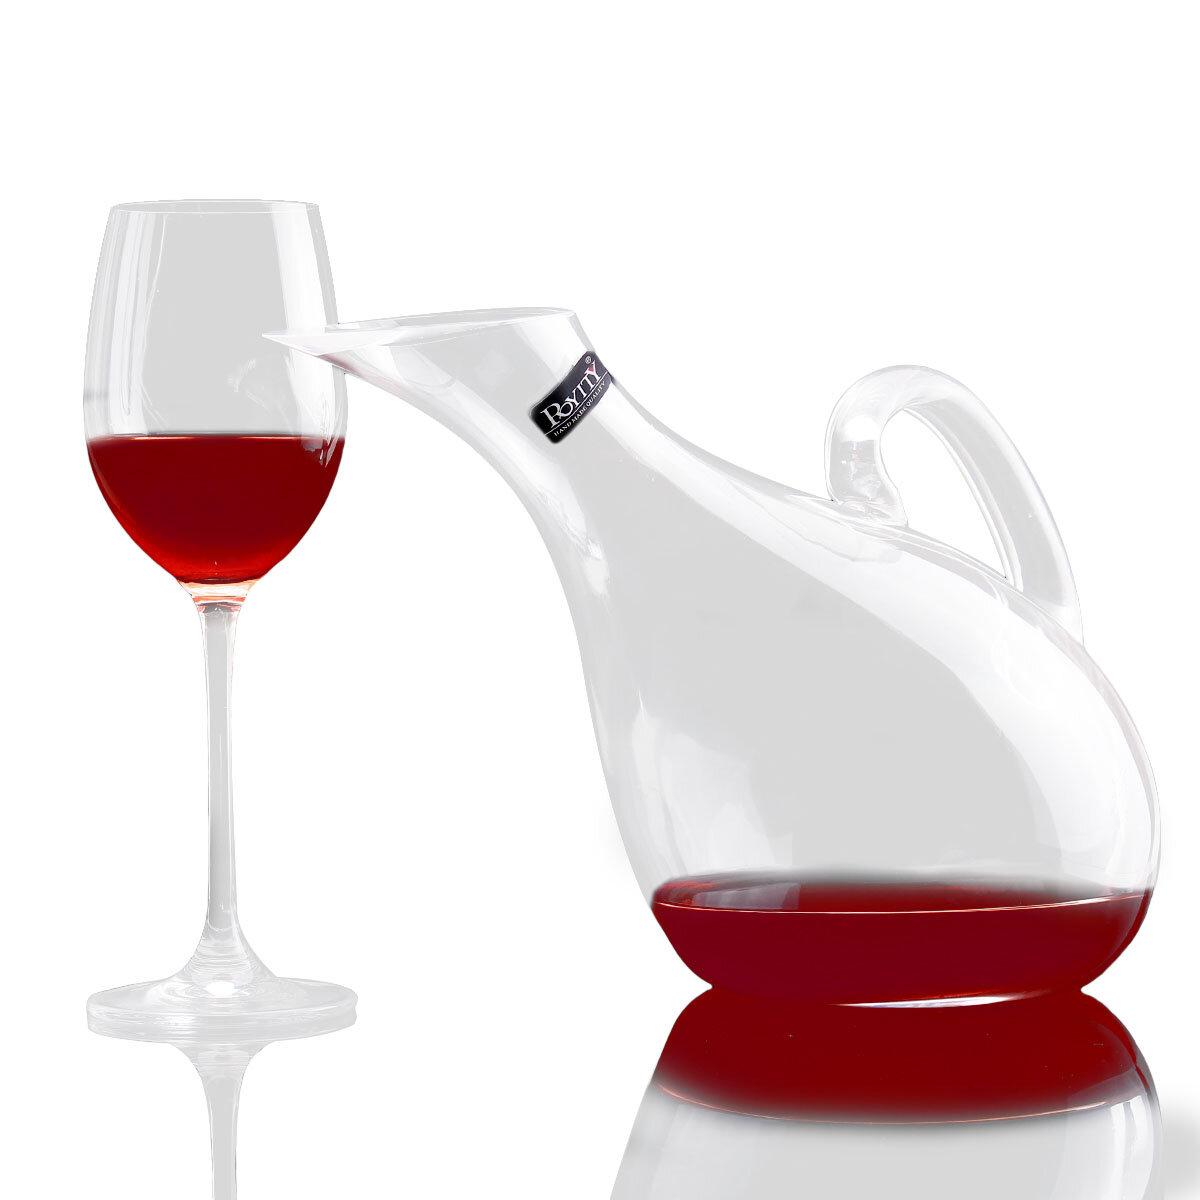 Swan Kristal Şarap Cam Şarap Decanter Yapay Üfleme Manuel Soğuk Kesim kurşunsuz Kristal Şarap Şişesi Pourer 1200 ml Swan Tarzı Arp Şekil Şeffaf Şarap Decanter